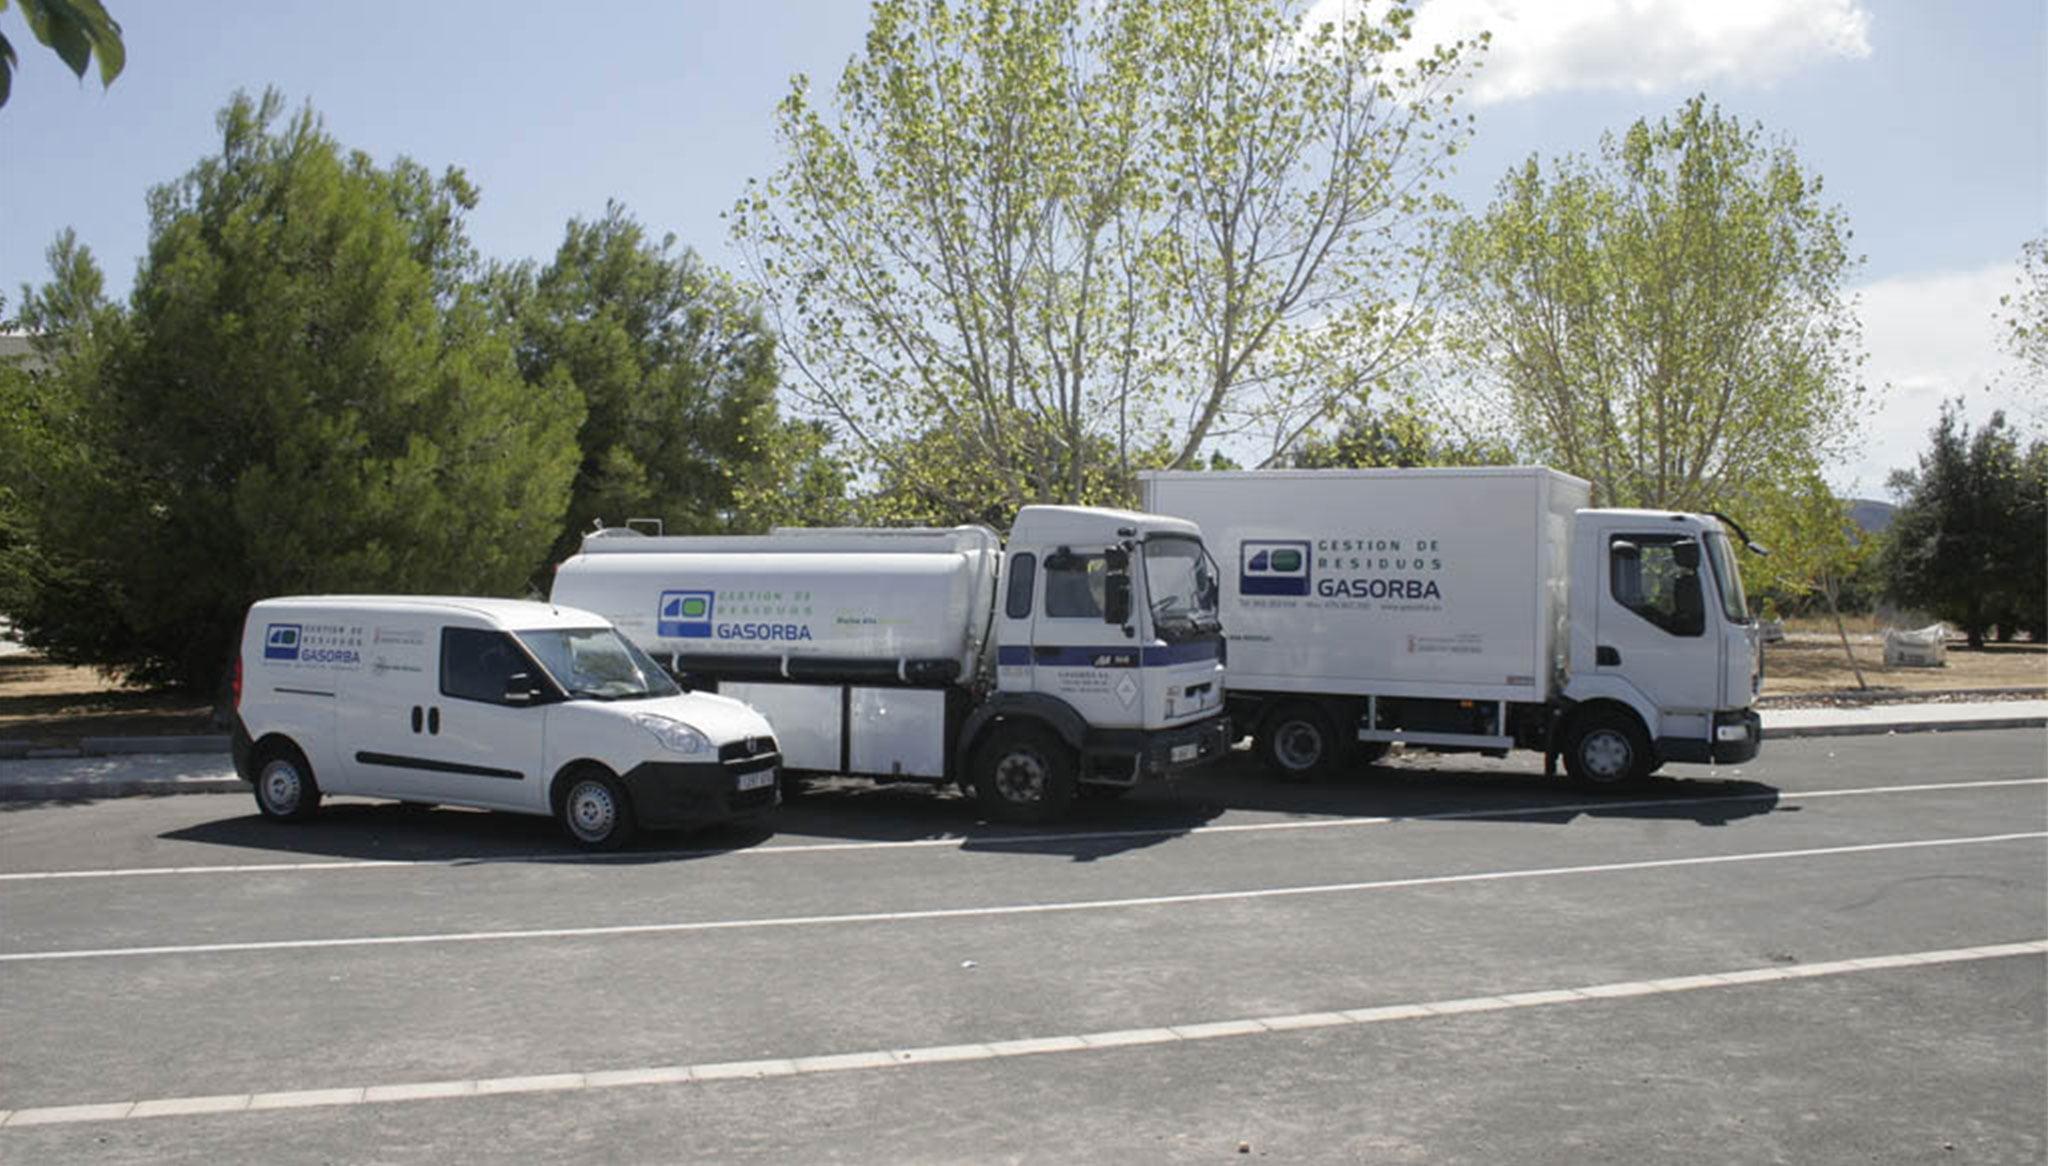 gestion-de-residuos-gasorba